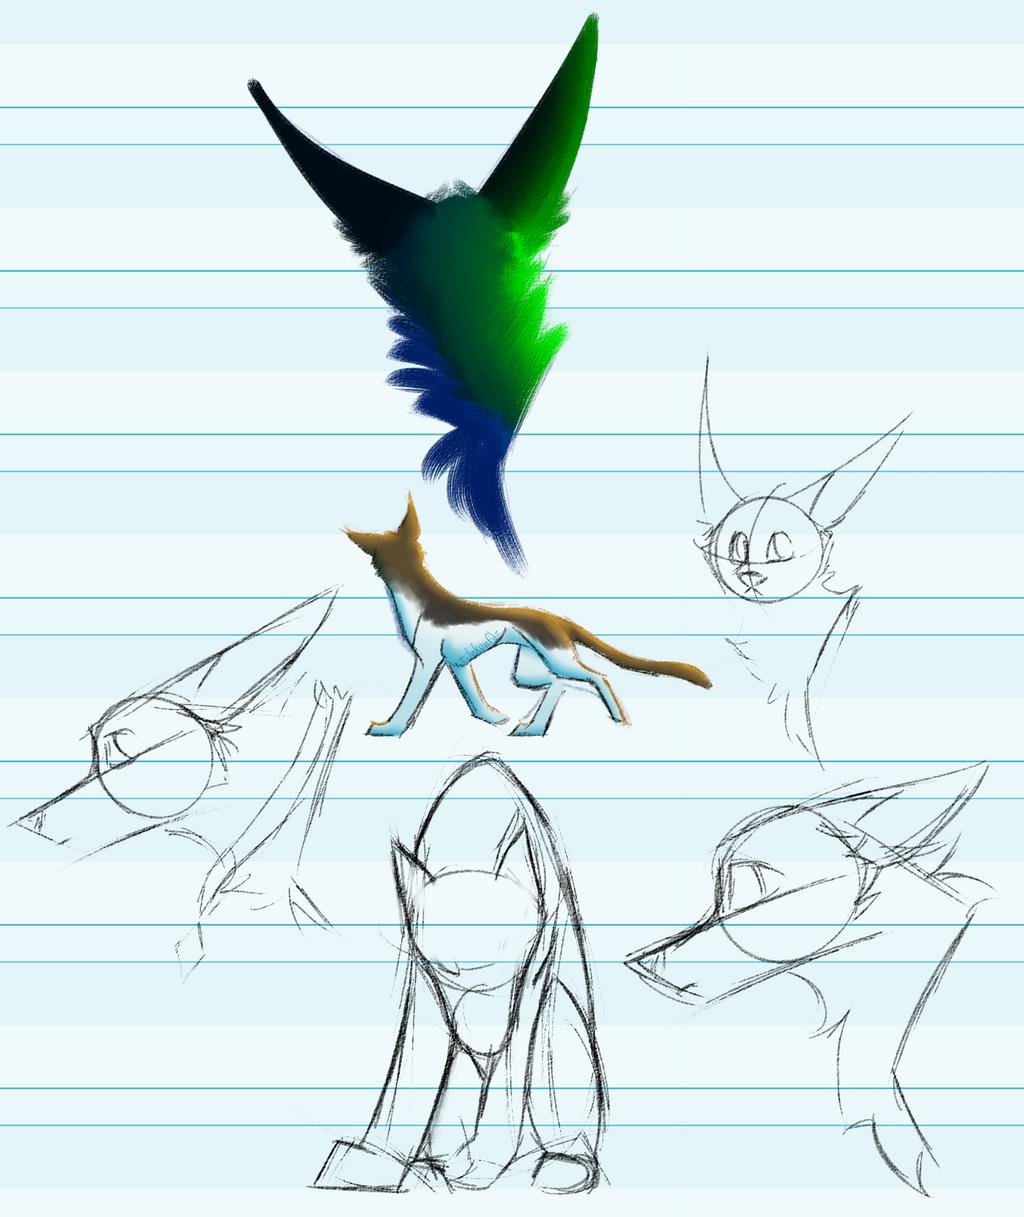 Undated sketches by tilukonfdz